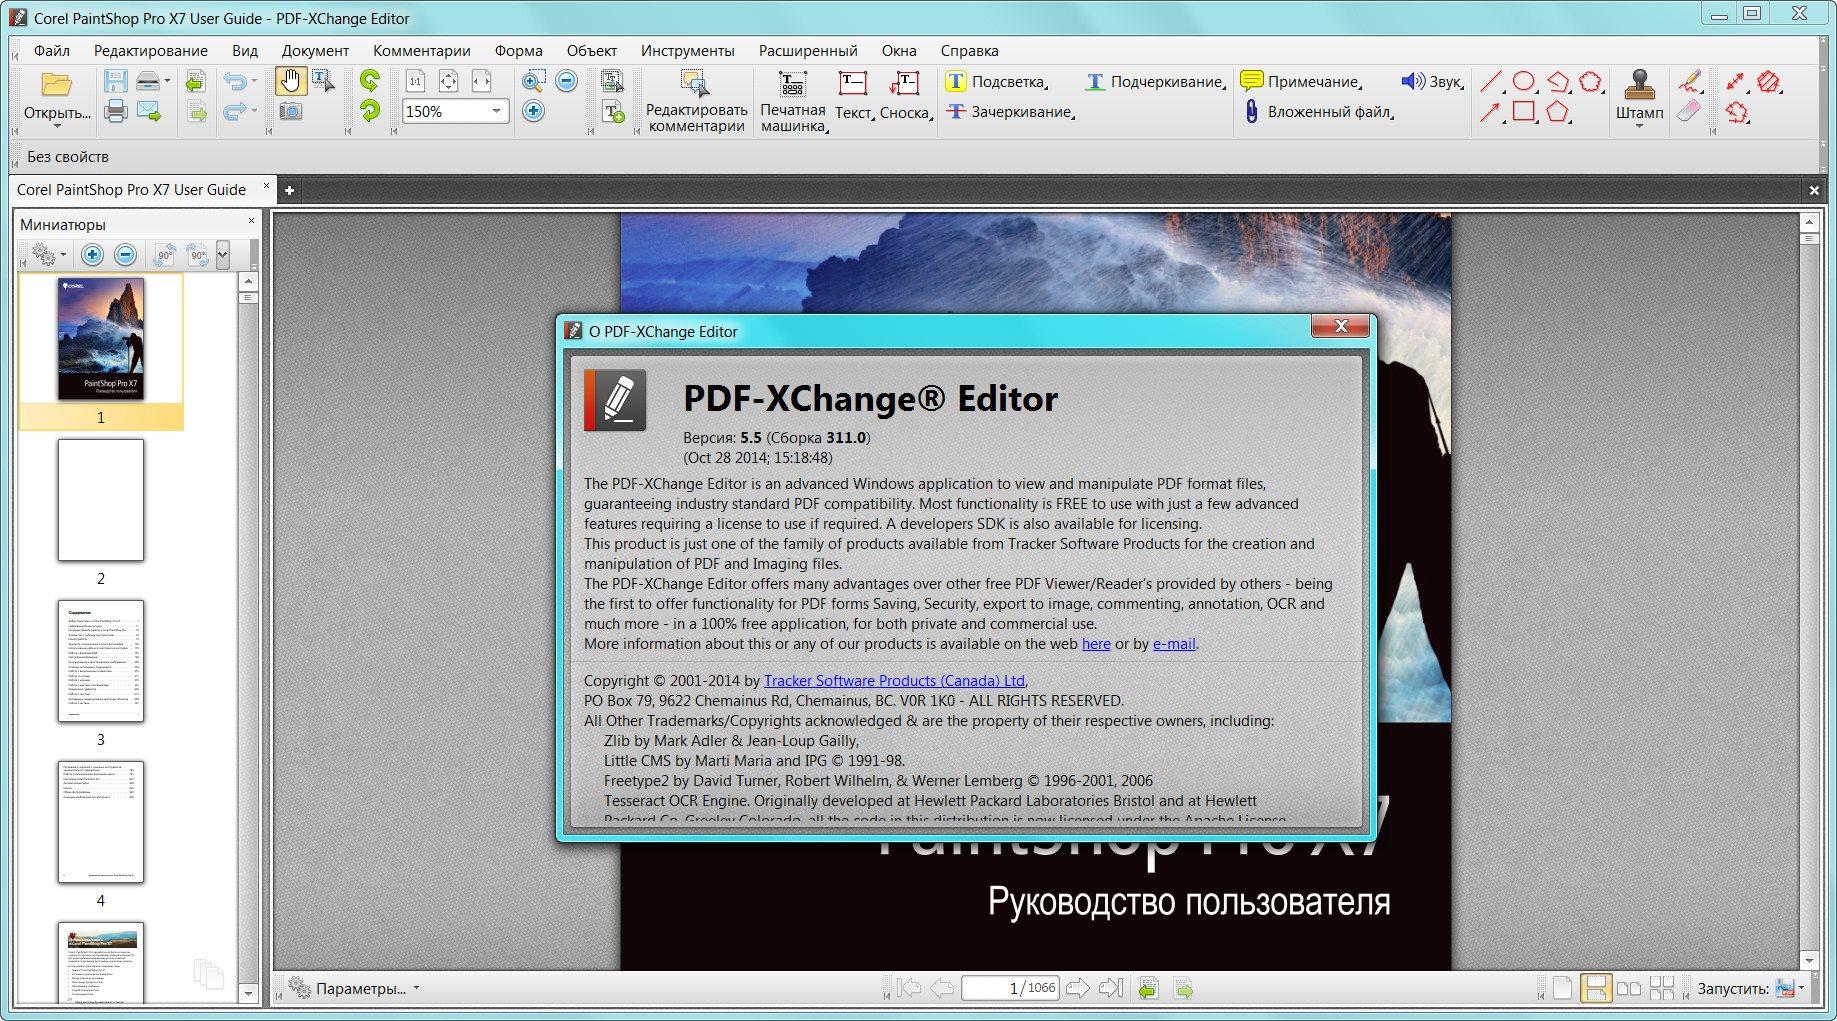 скачать бесплатно pdf-xchange viewer 2.5.315.0 rus бесплатная программа для просмотра и редактирован